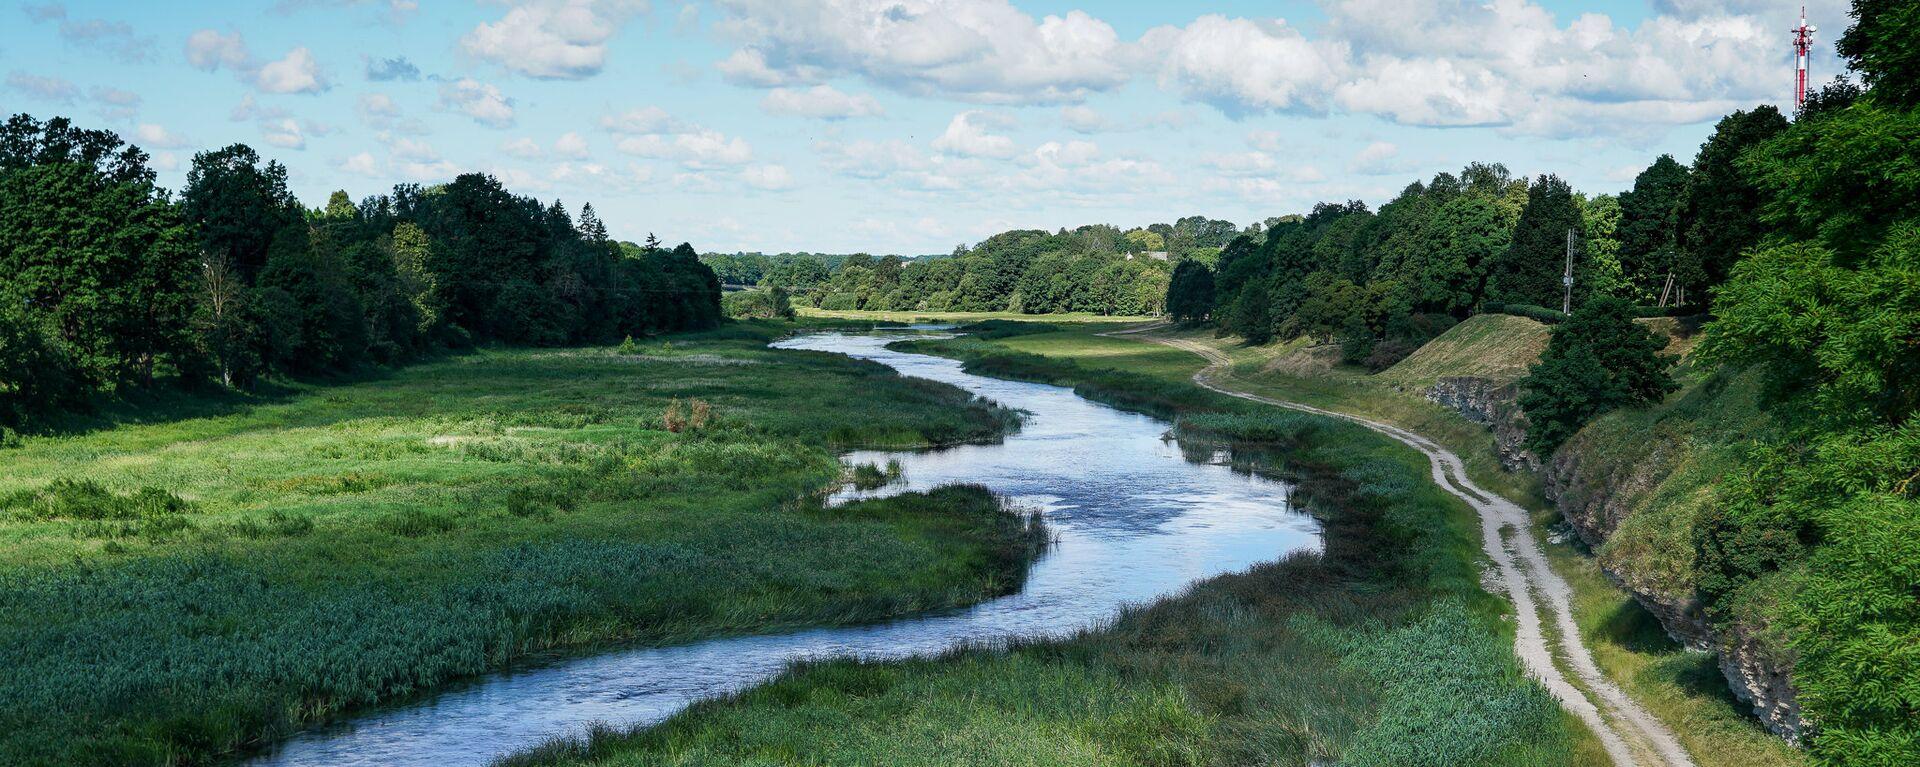 Река Мемеле в городе Бауска - Sputnik Latvija, 1920, 09.09.2020